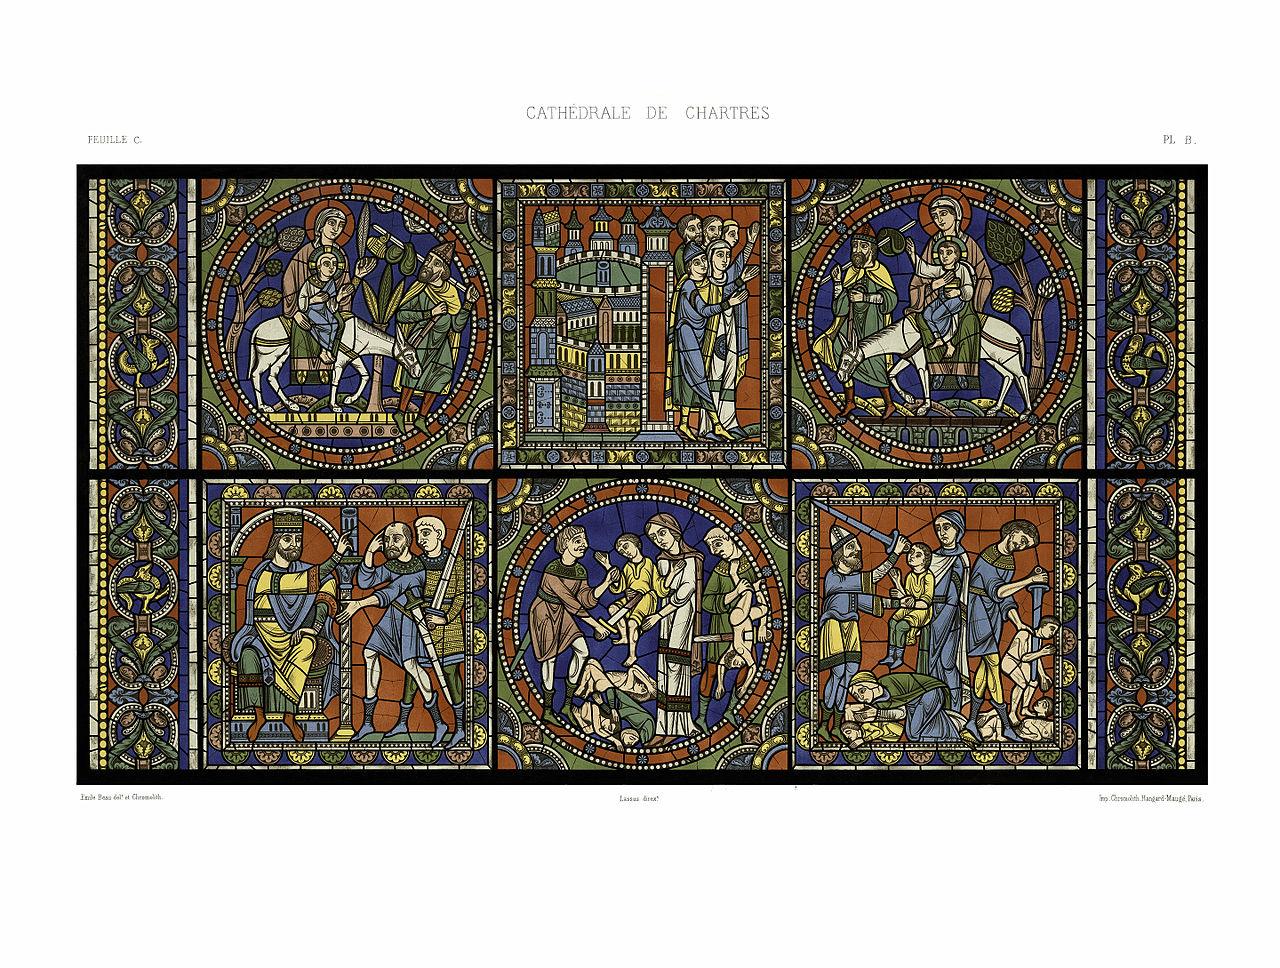 Filefeuille C Monografie De La Cathedrale De Chartres